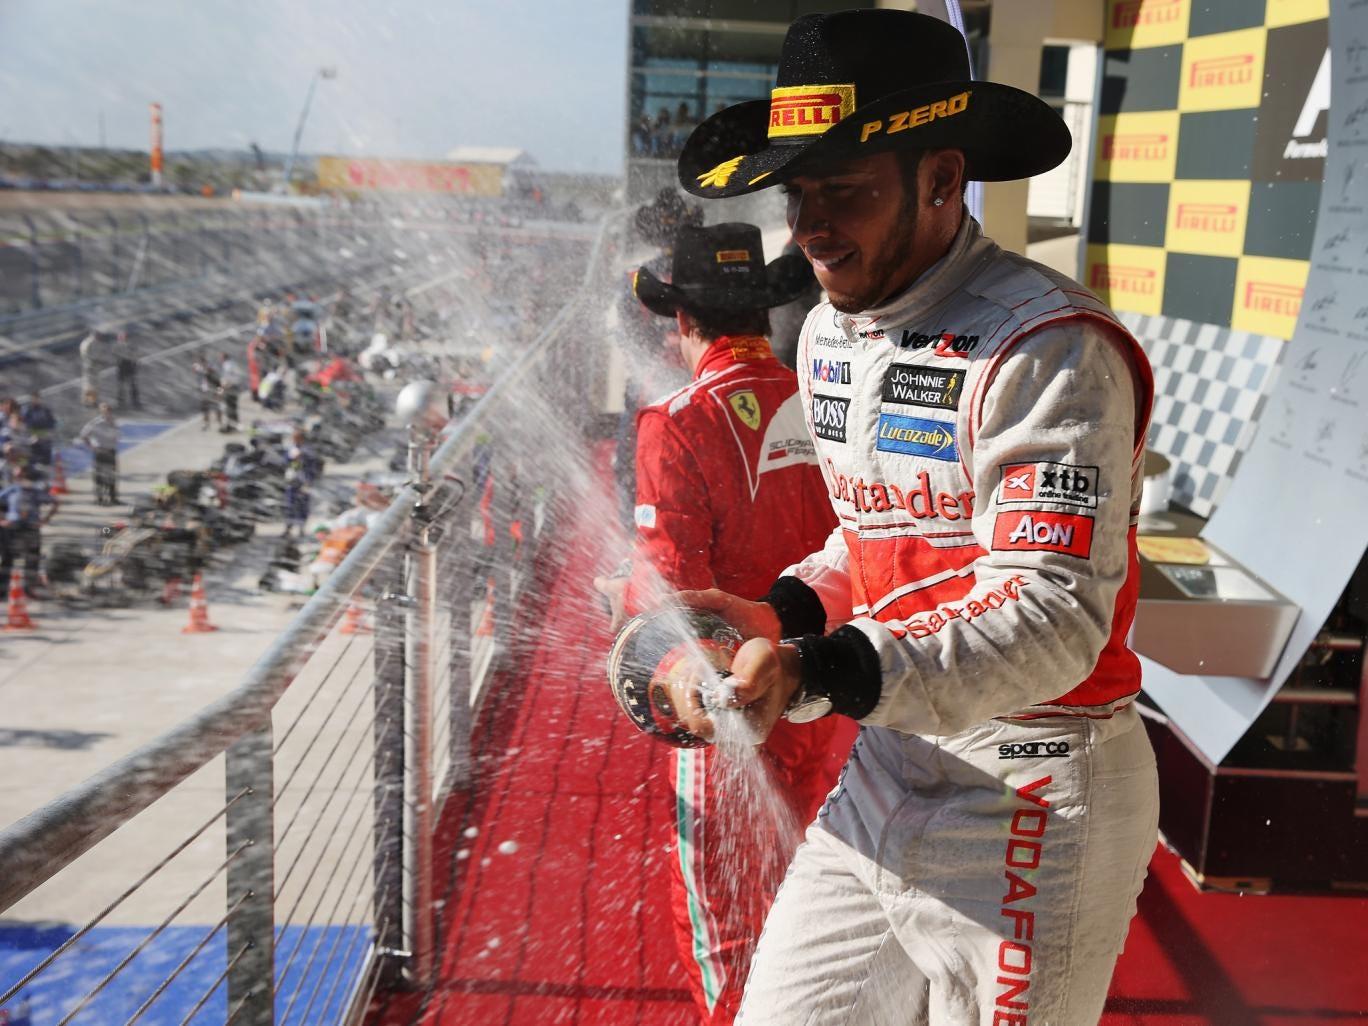 Lewis Hamilton celebrates on the podium after winning the United States Formula One Grand Prix